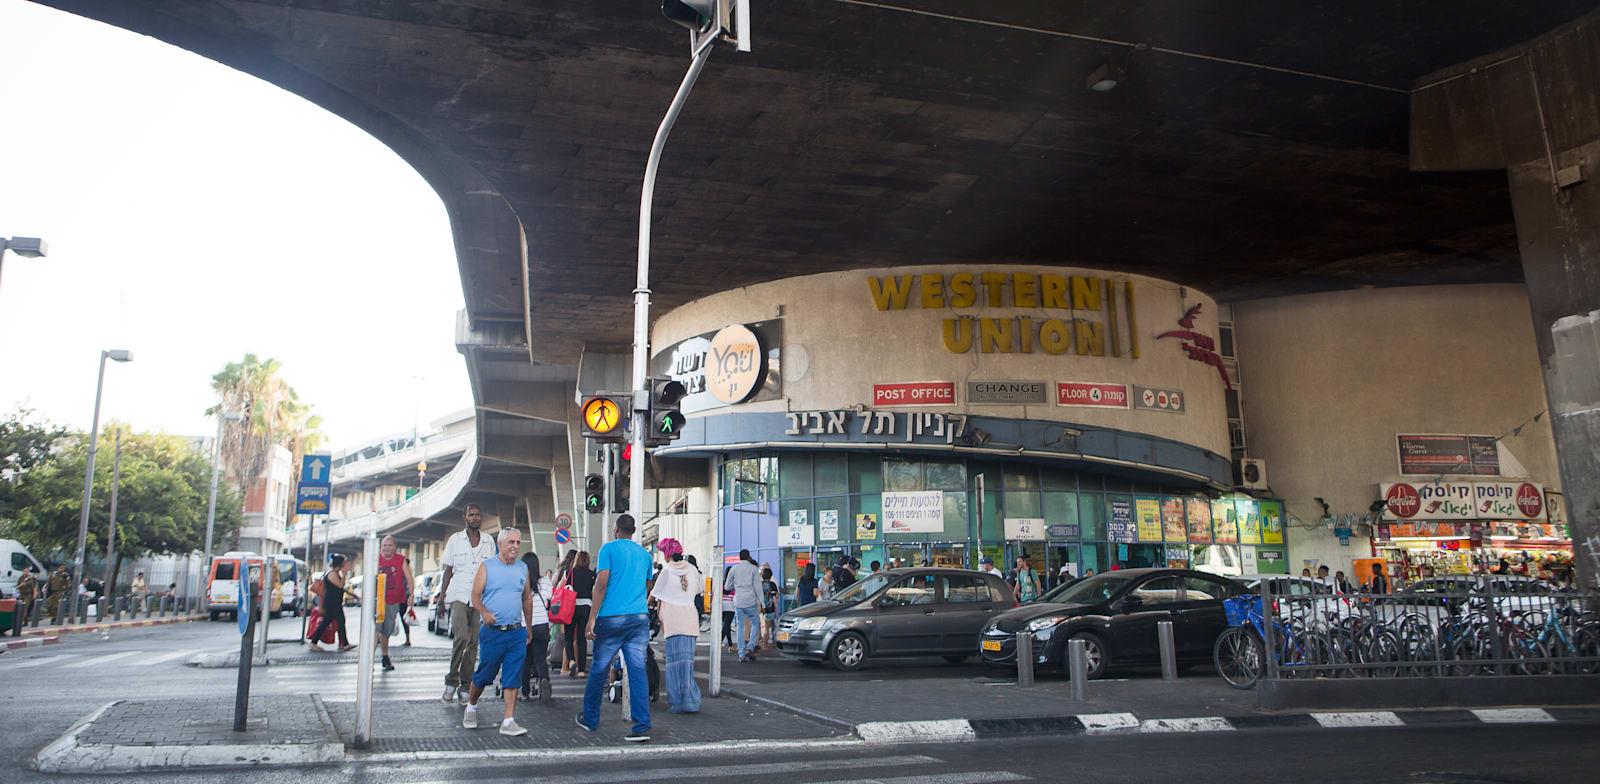 התחנה המרכזית בתל אביב / צילום: שלומי יוסף